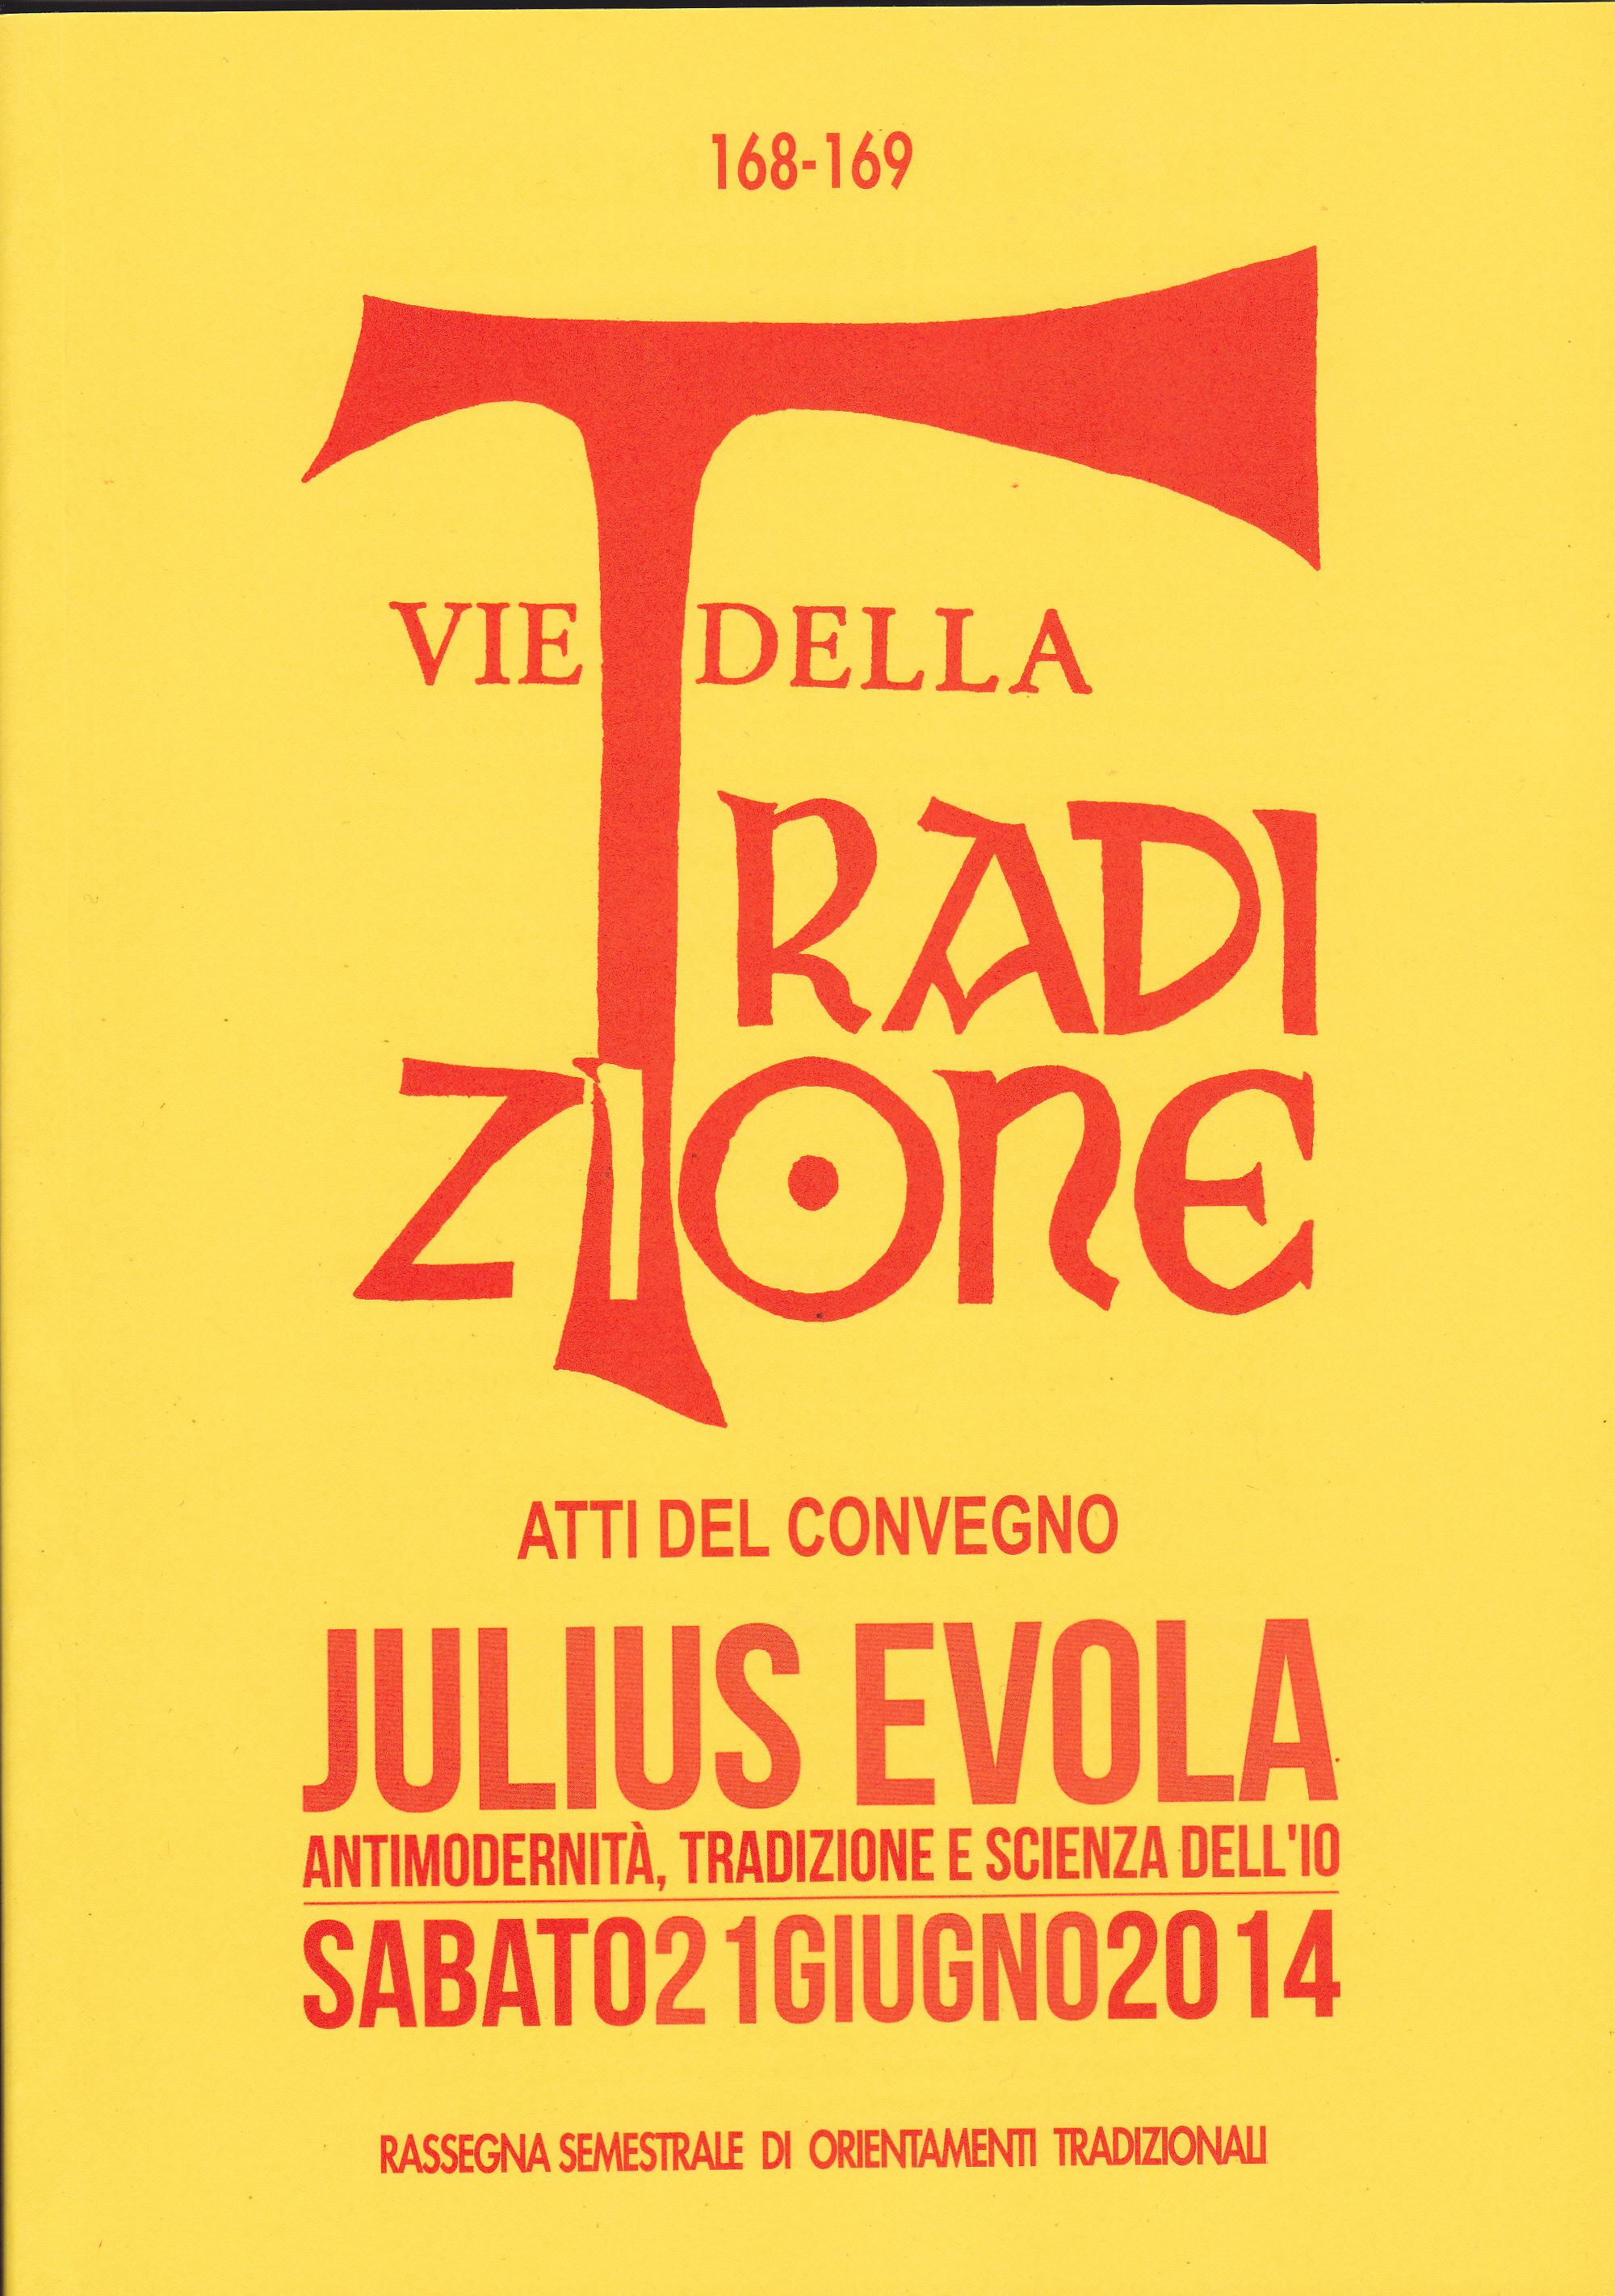 Julius Evola – Antimodernità, Tradizione e Scienza dell'Io